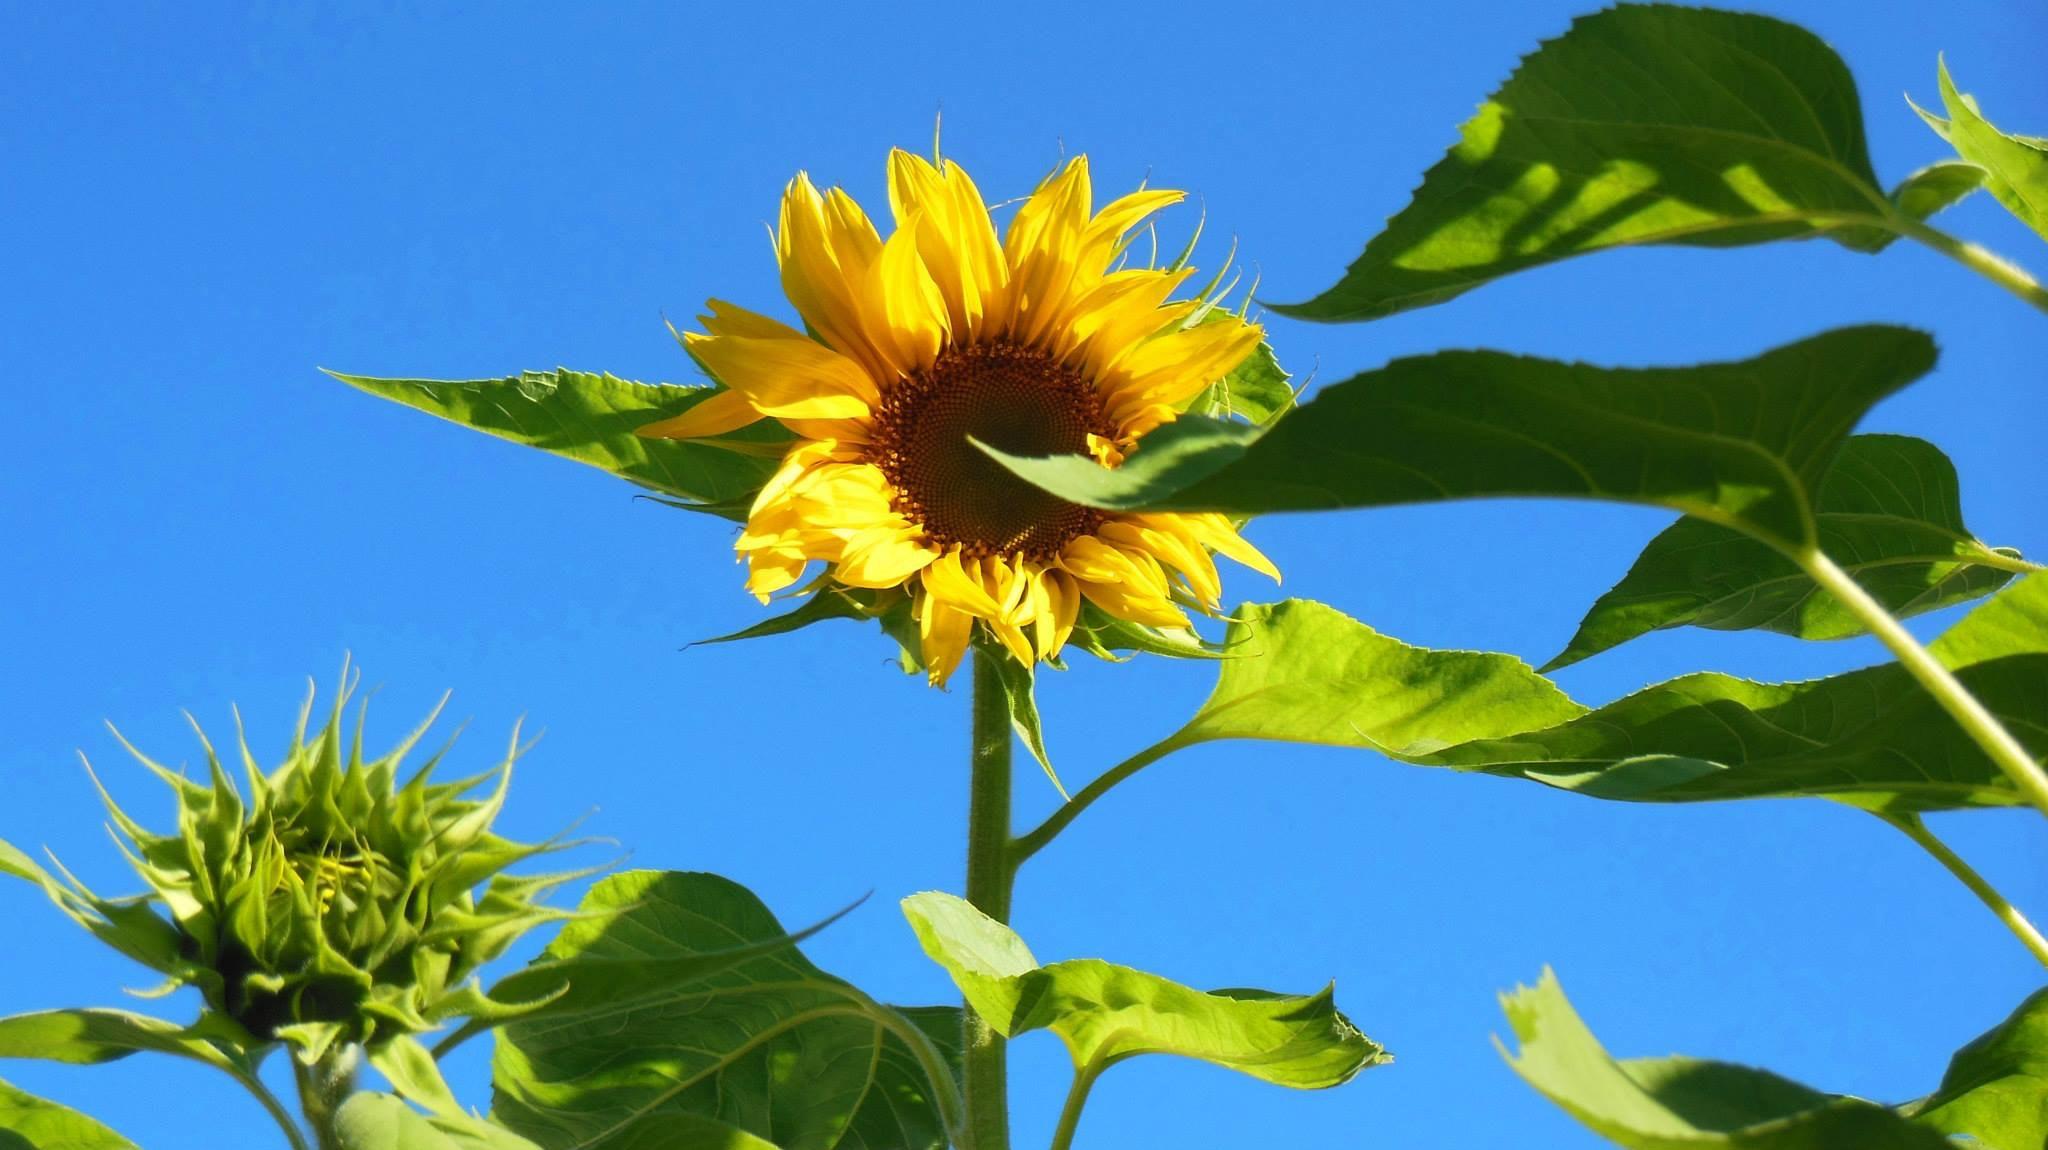 35 Gambar Bunga Matahari Paling Indah Terkini Eye Candy Photograph